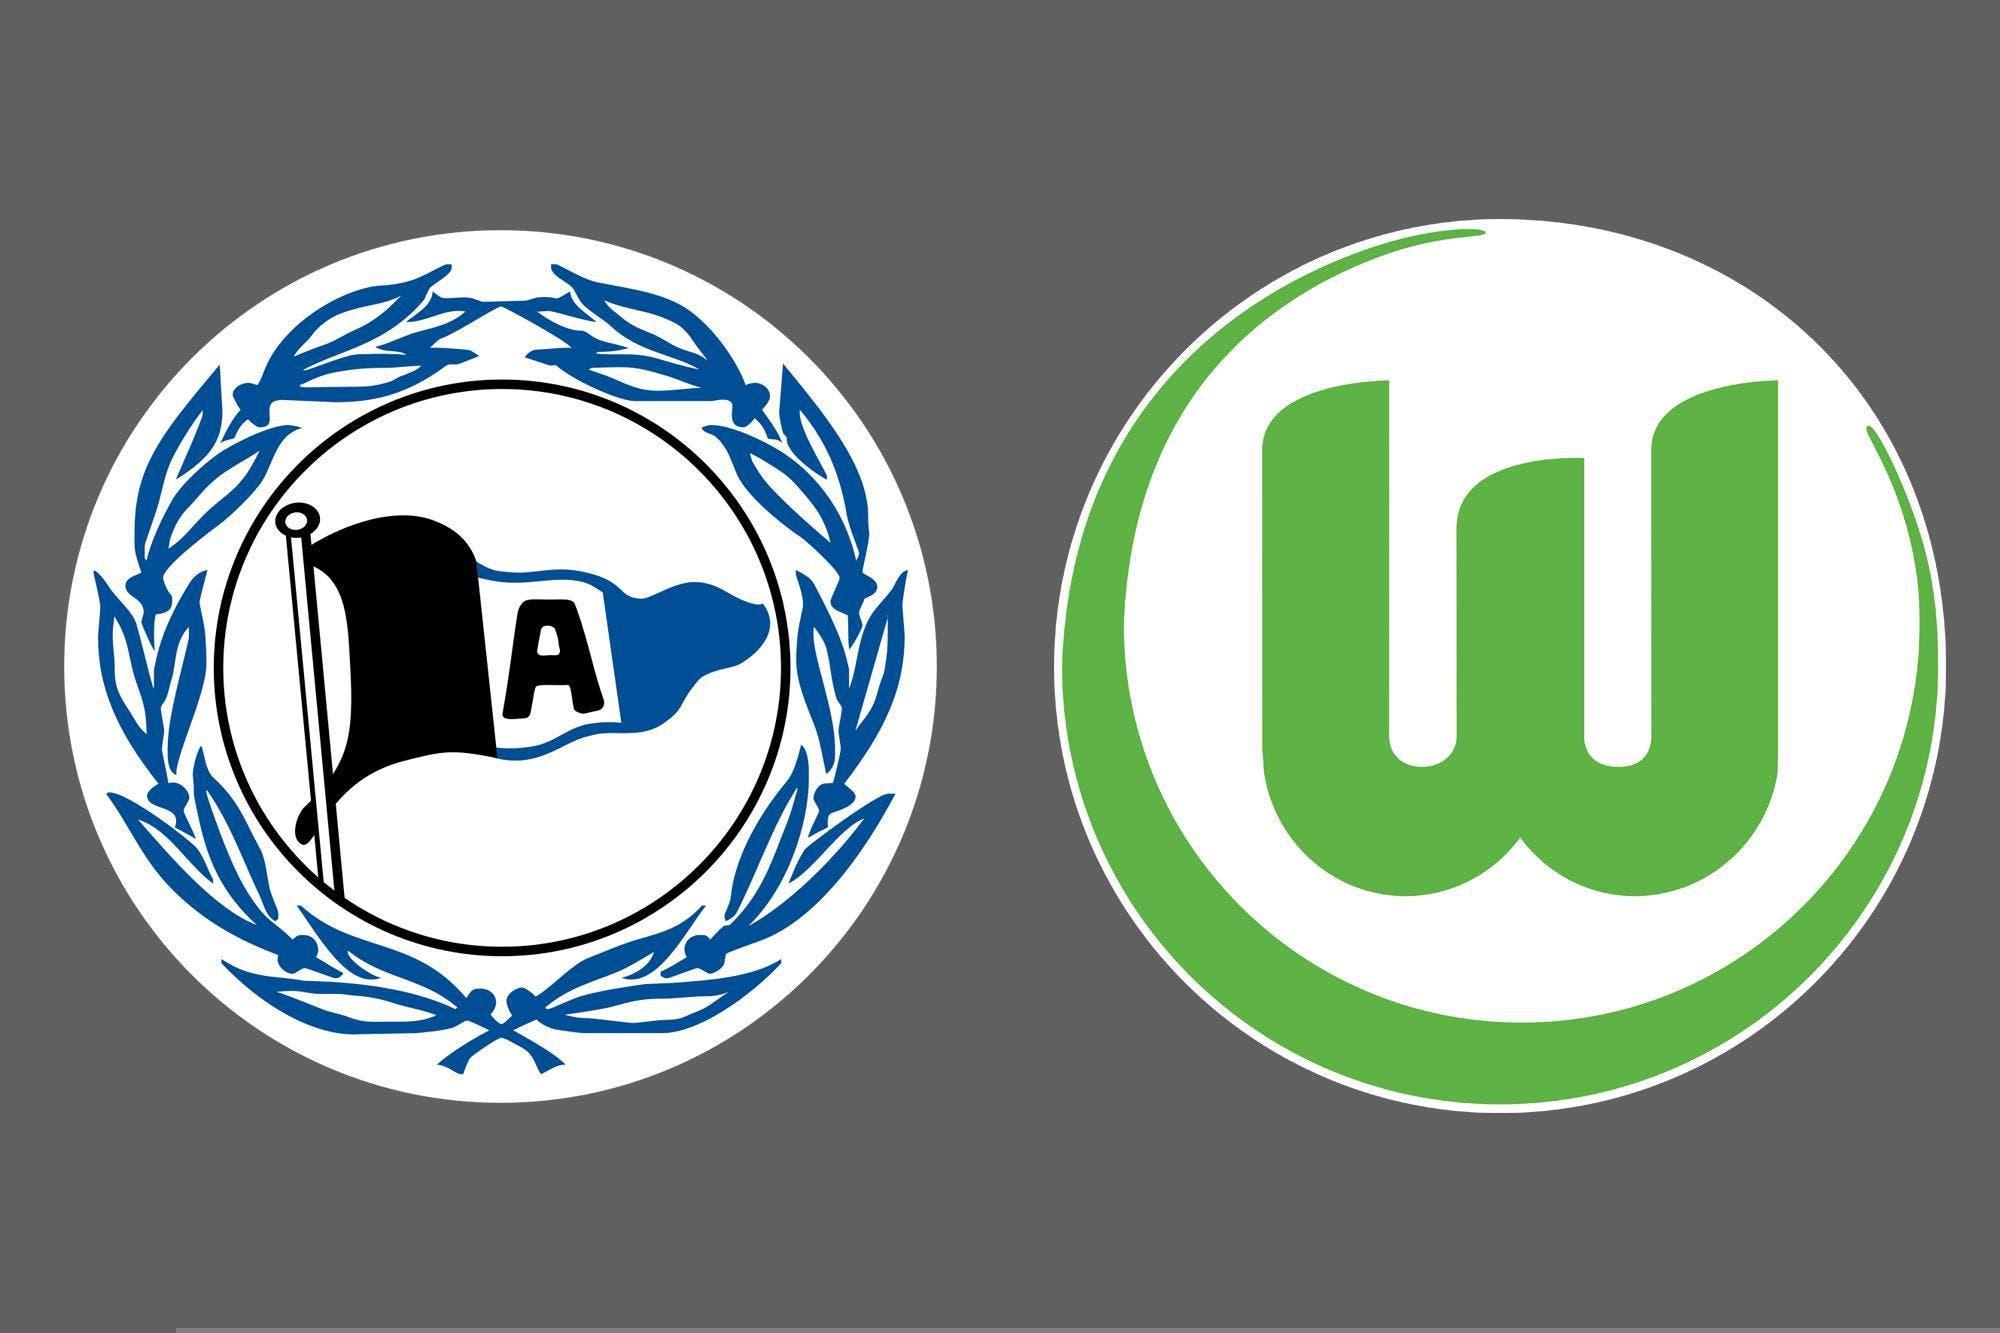 Bundesliga de Alemania: Wolfsburg venció por 3-0 a Arminia Bielefeld como visitante